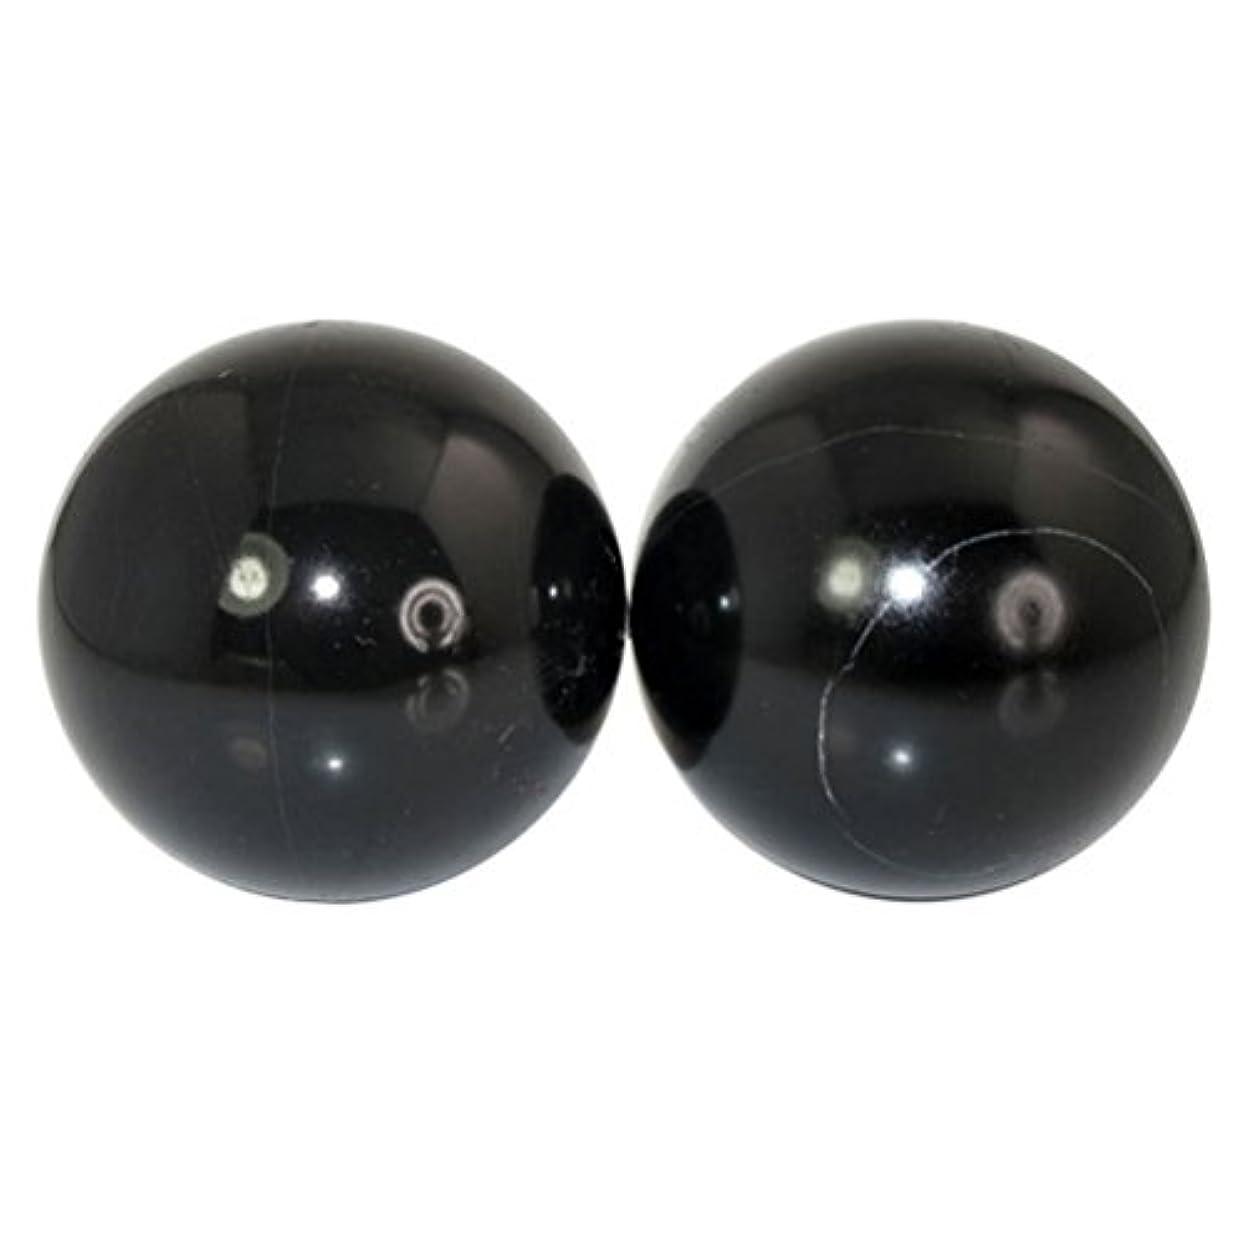 ヤギ告発者知り合いになるROSENICE 2個 ハンドエクササイズボール ハンドセラピーストレスレリーフ(黑)